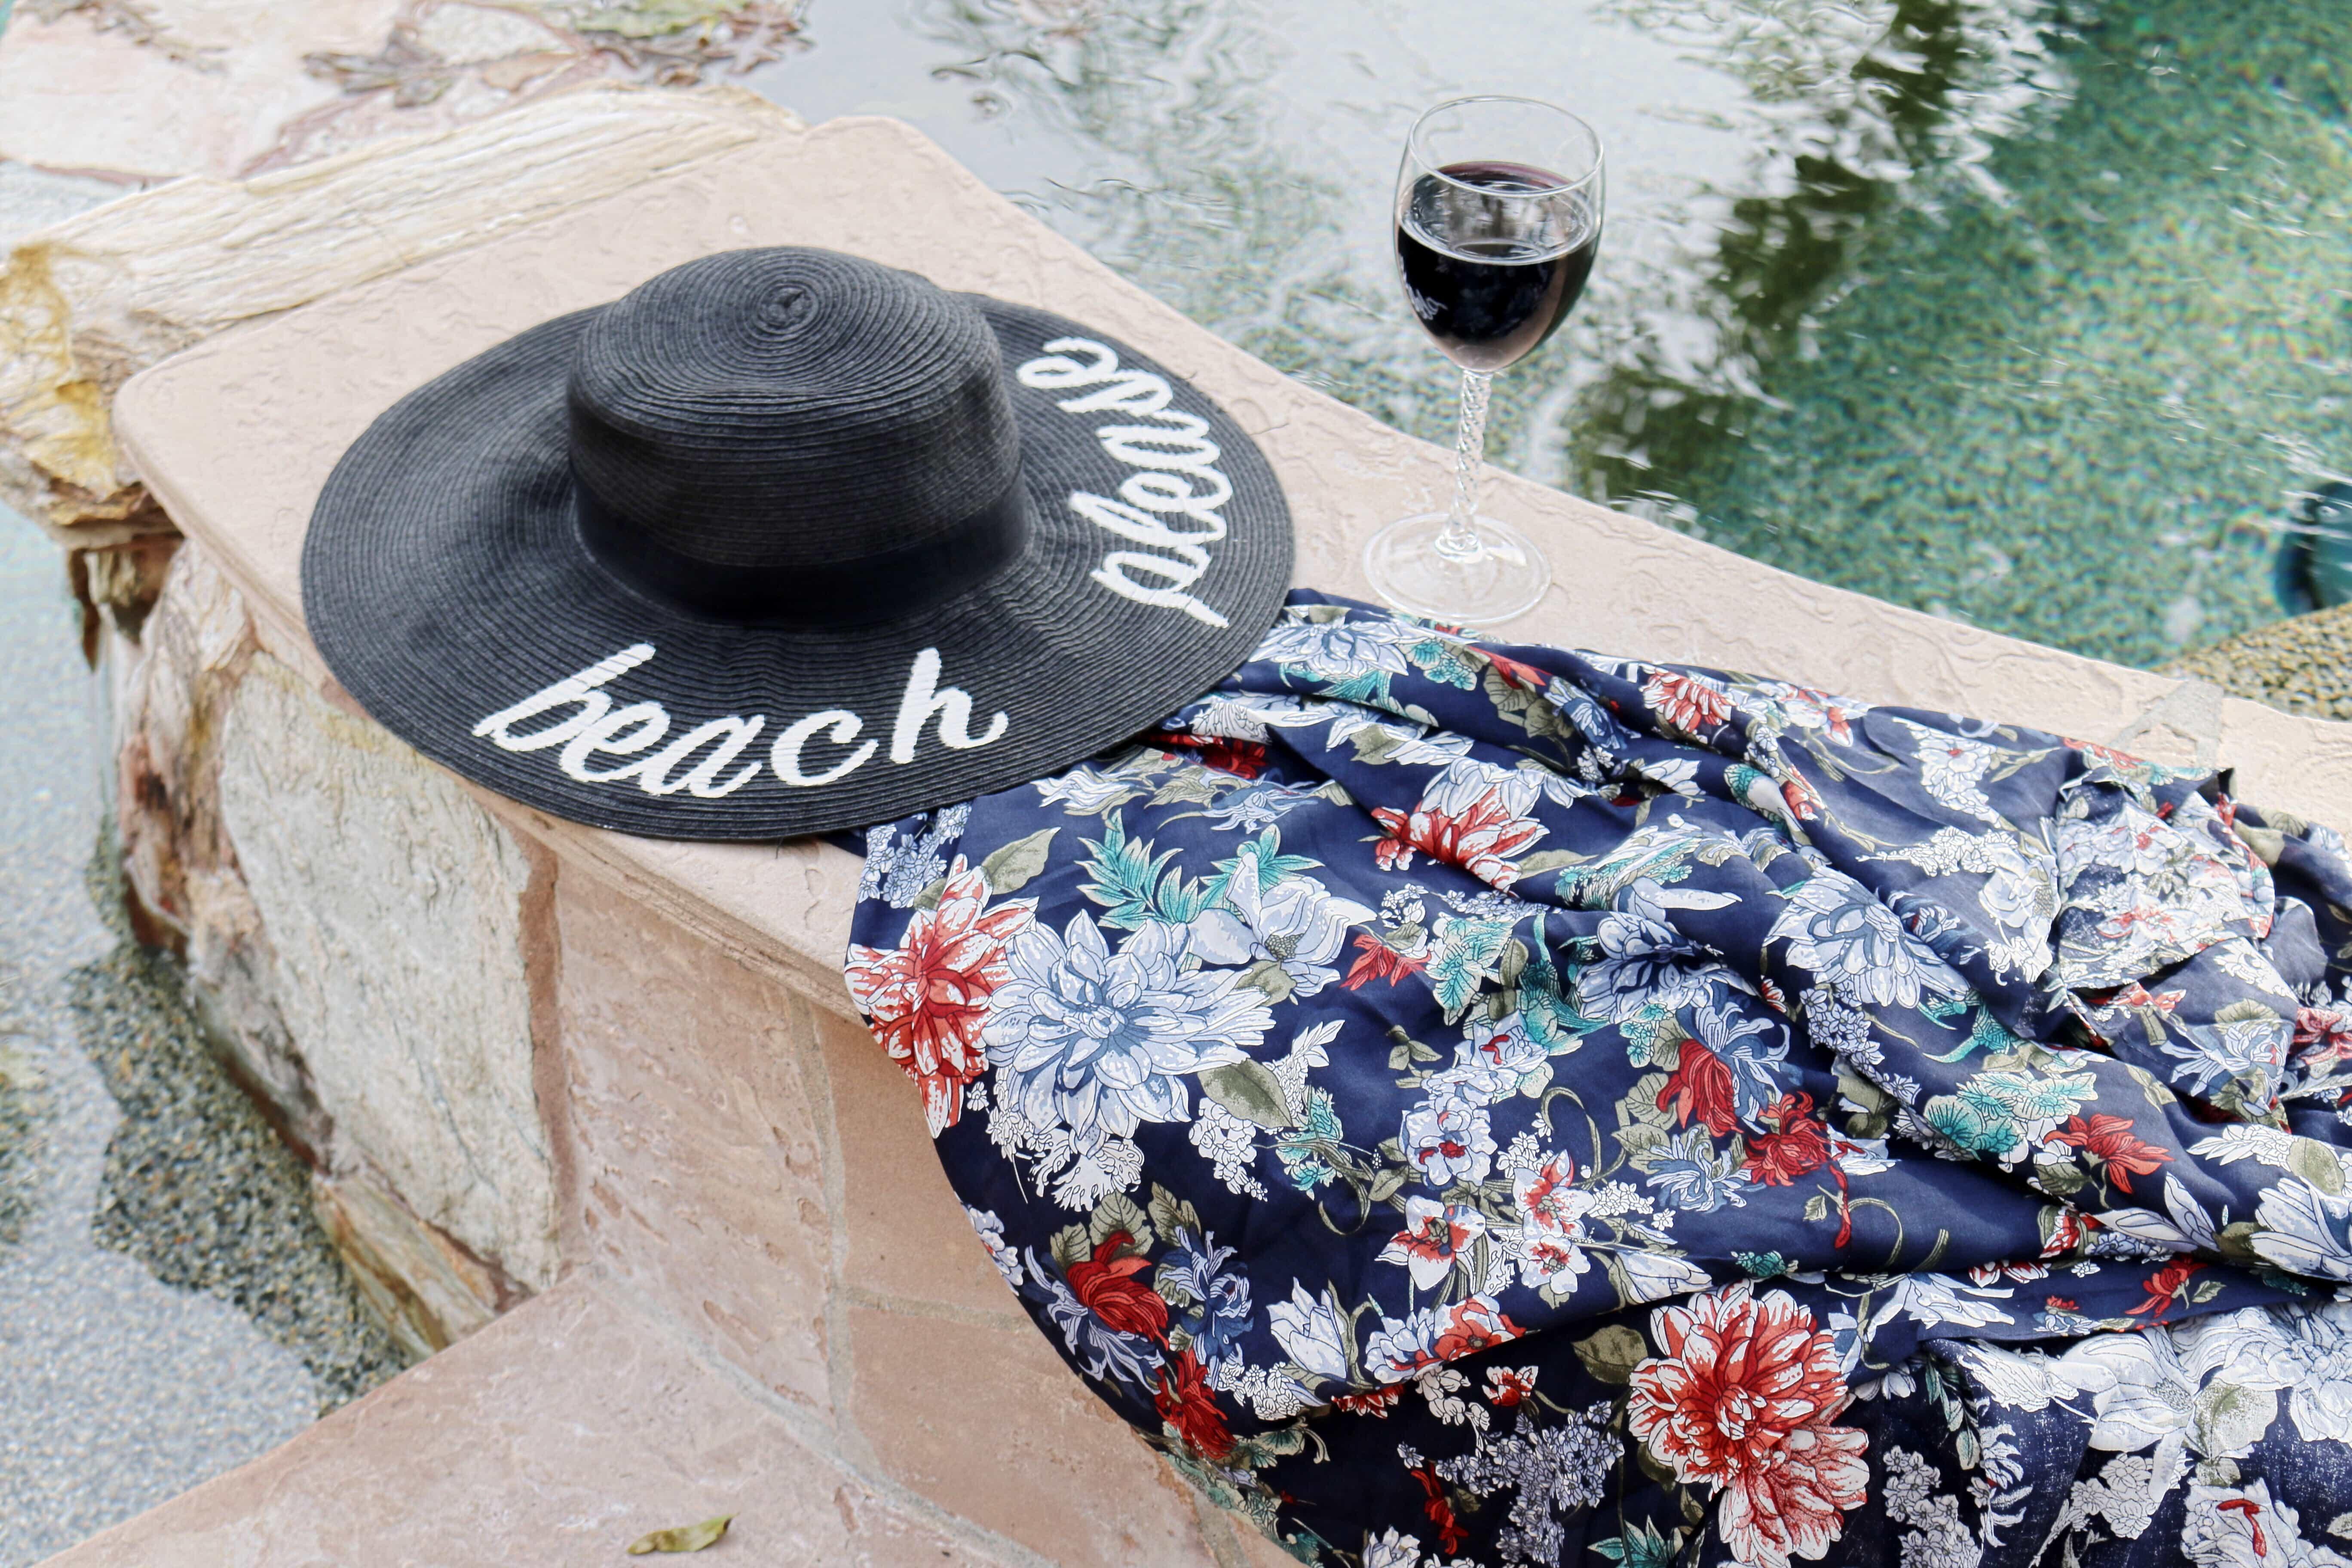 IMG 2948 - Sombreros de Verano que debes comprar ahora